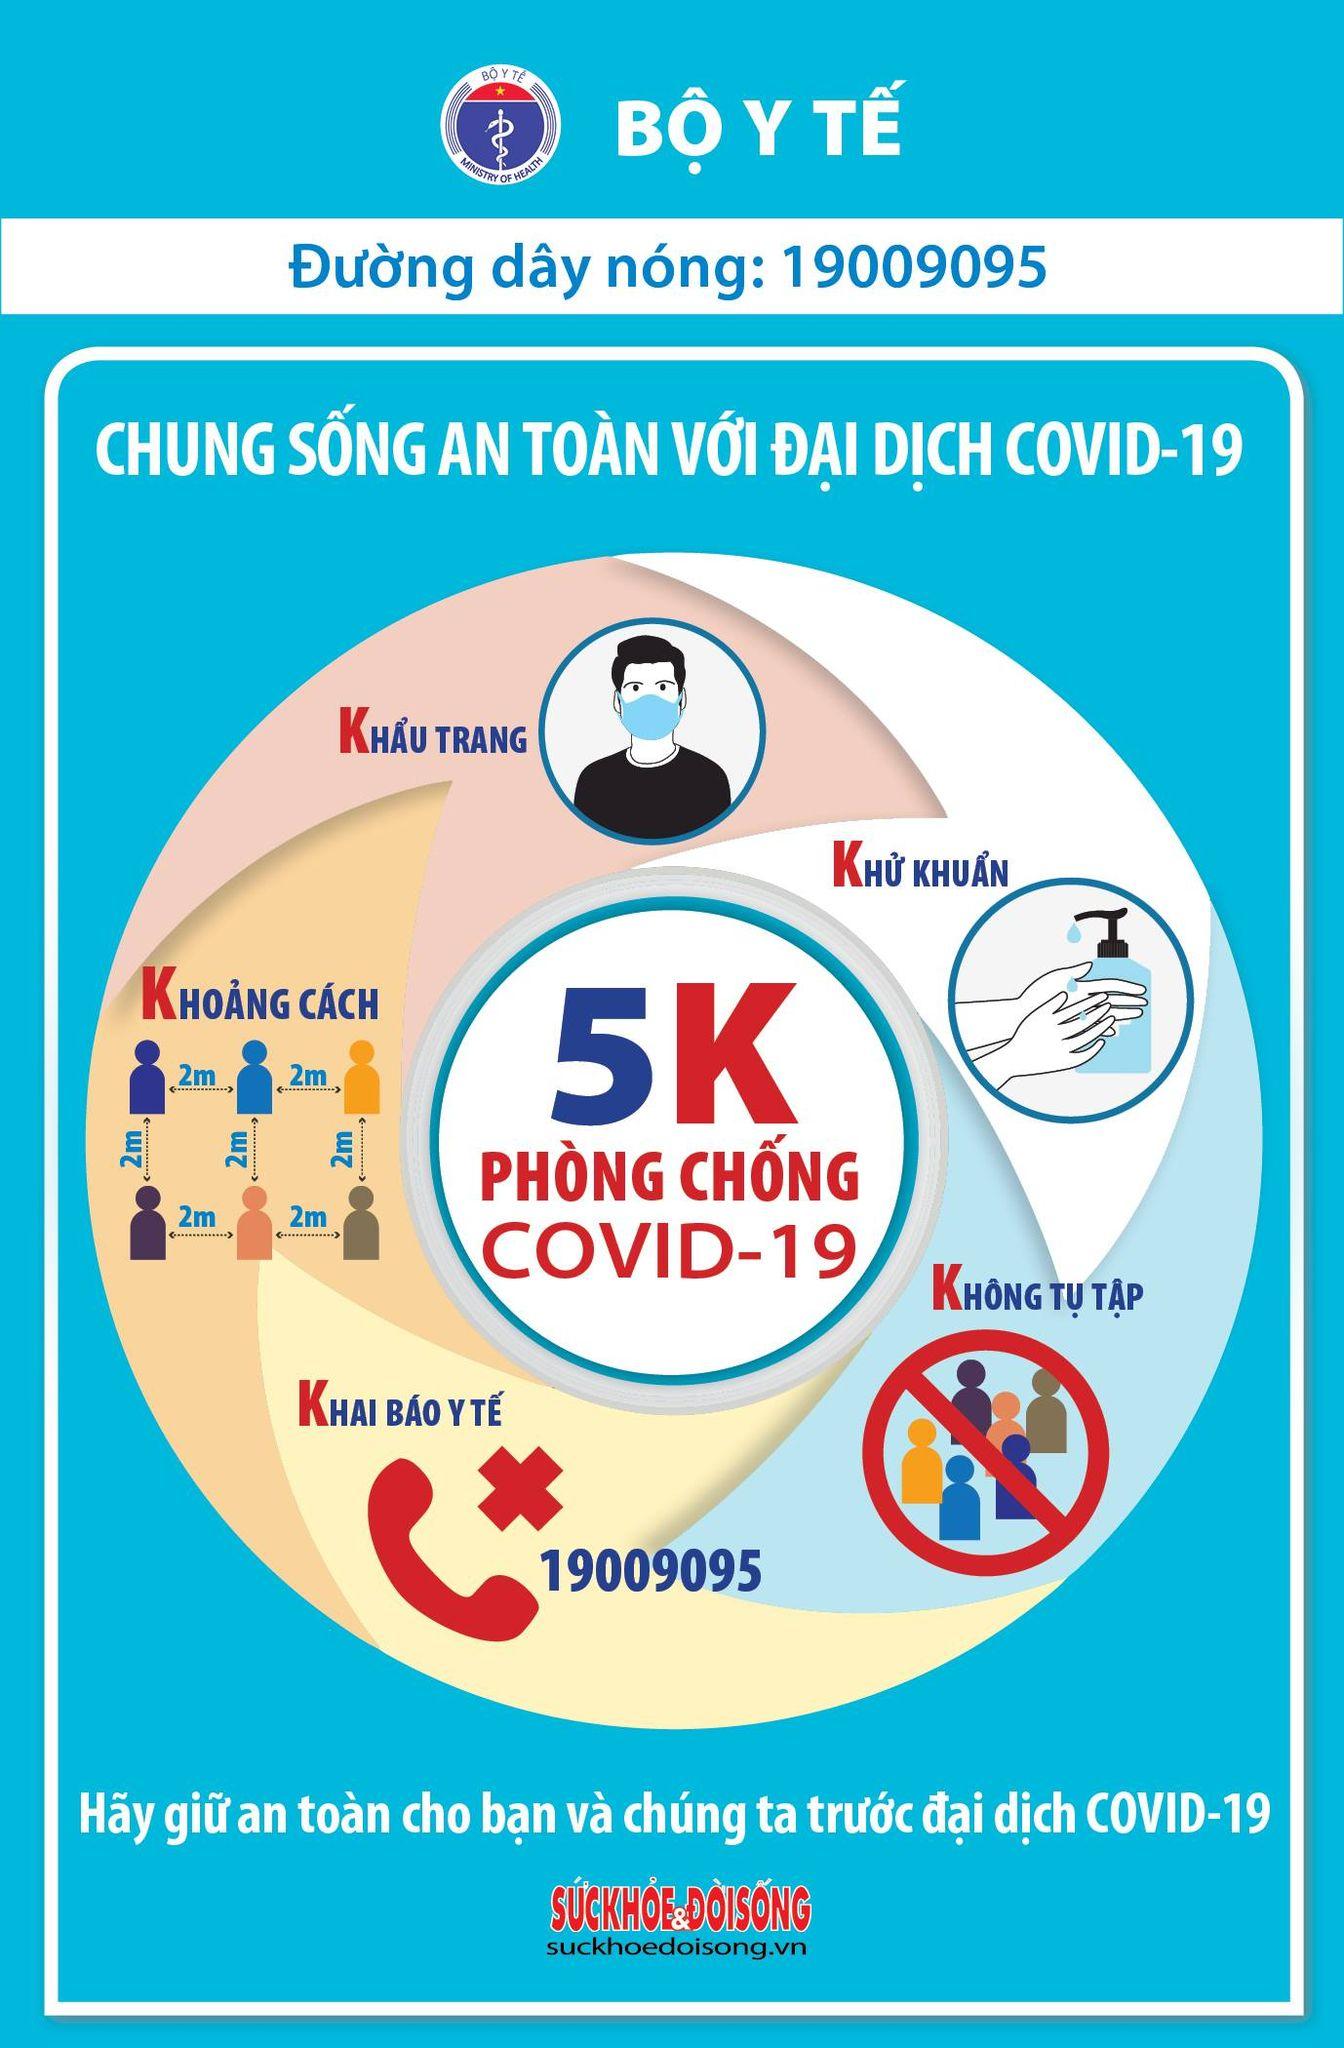 Chiều 5/3, thêm 6 ca mắc COVID-19 ở Kiên Giang và 2 tỉnh khác - Ảnh 3.